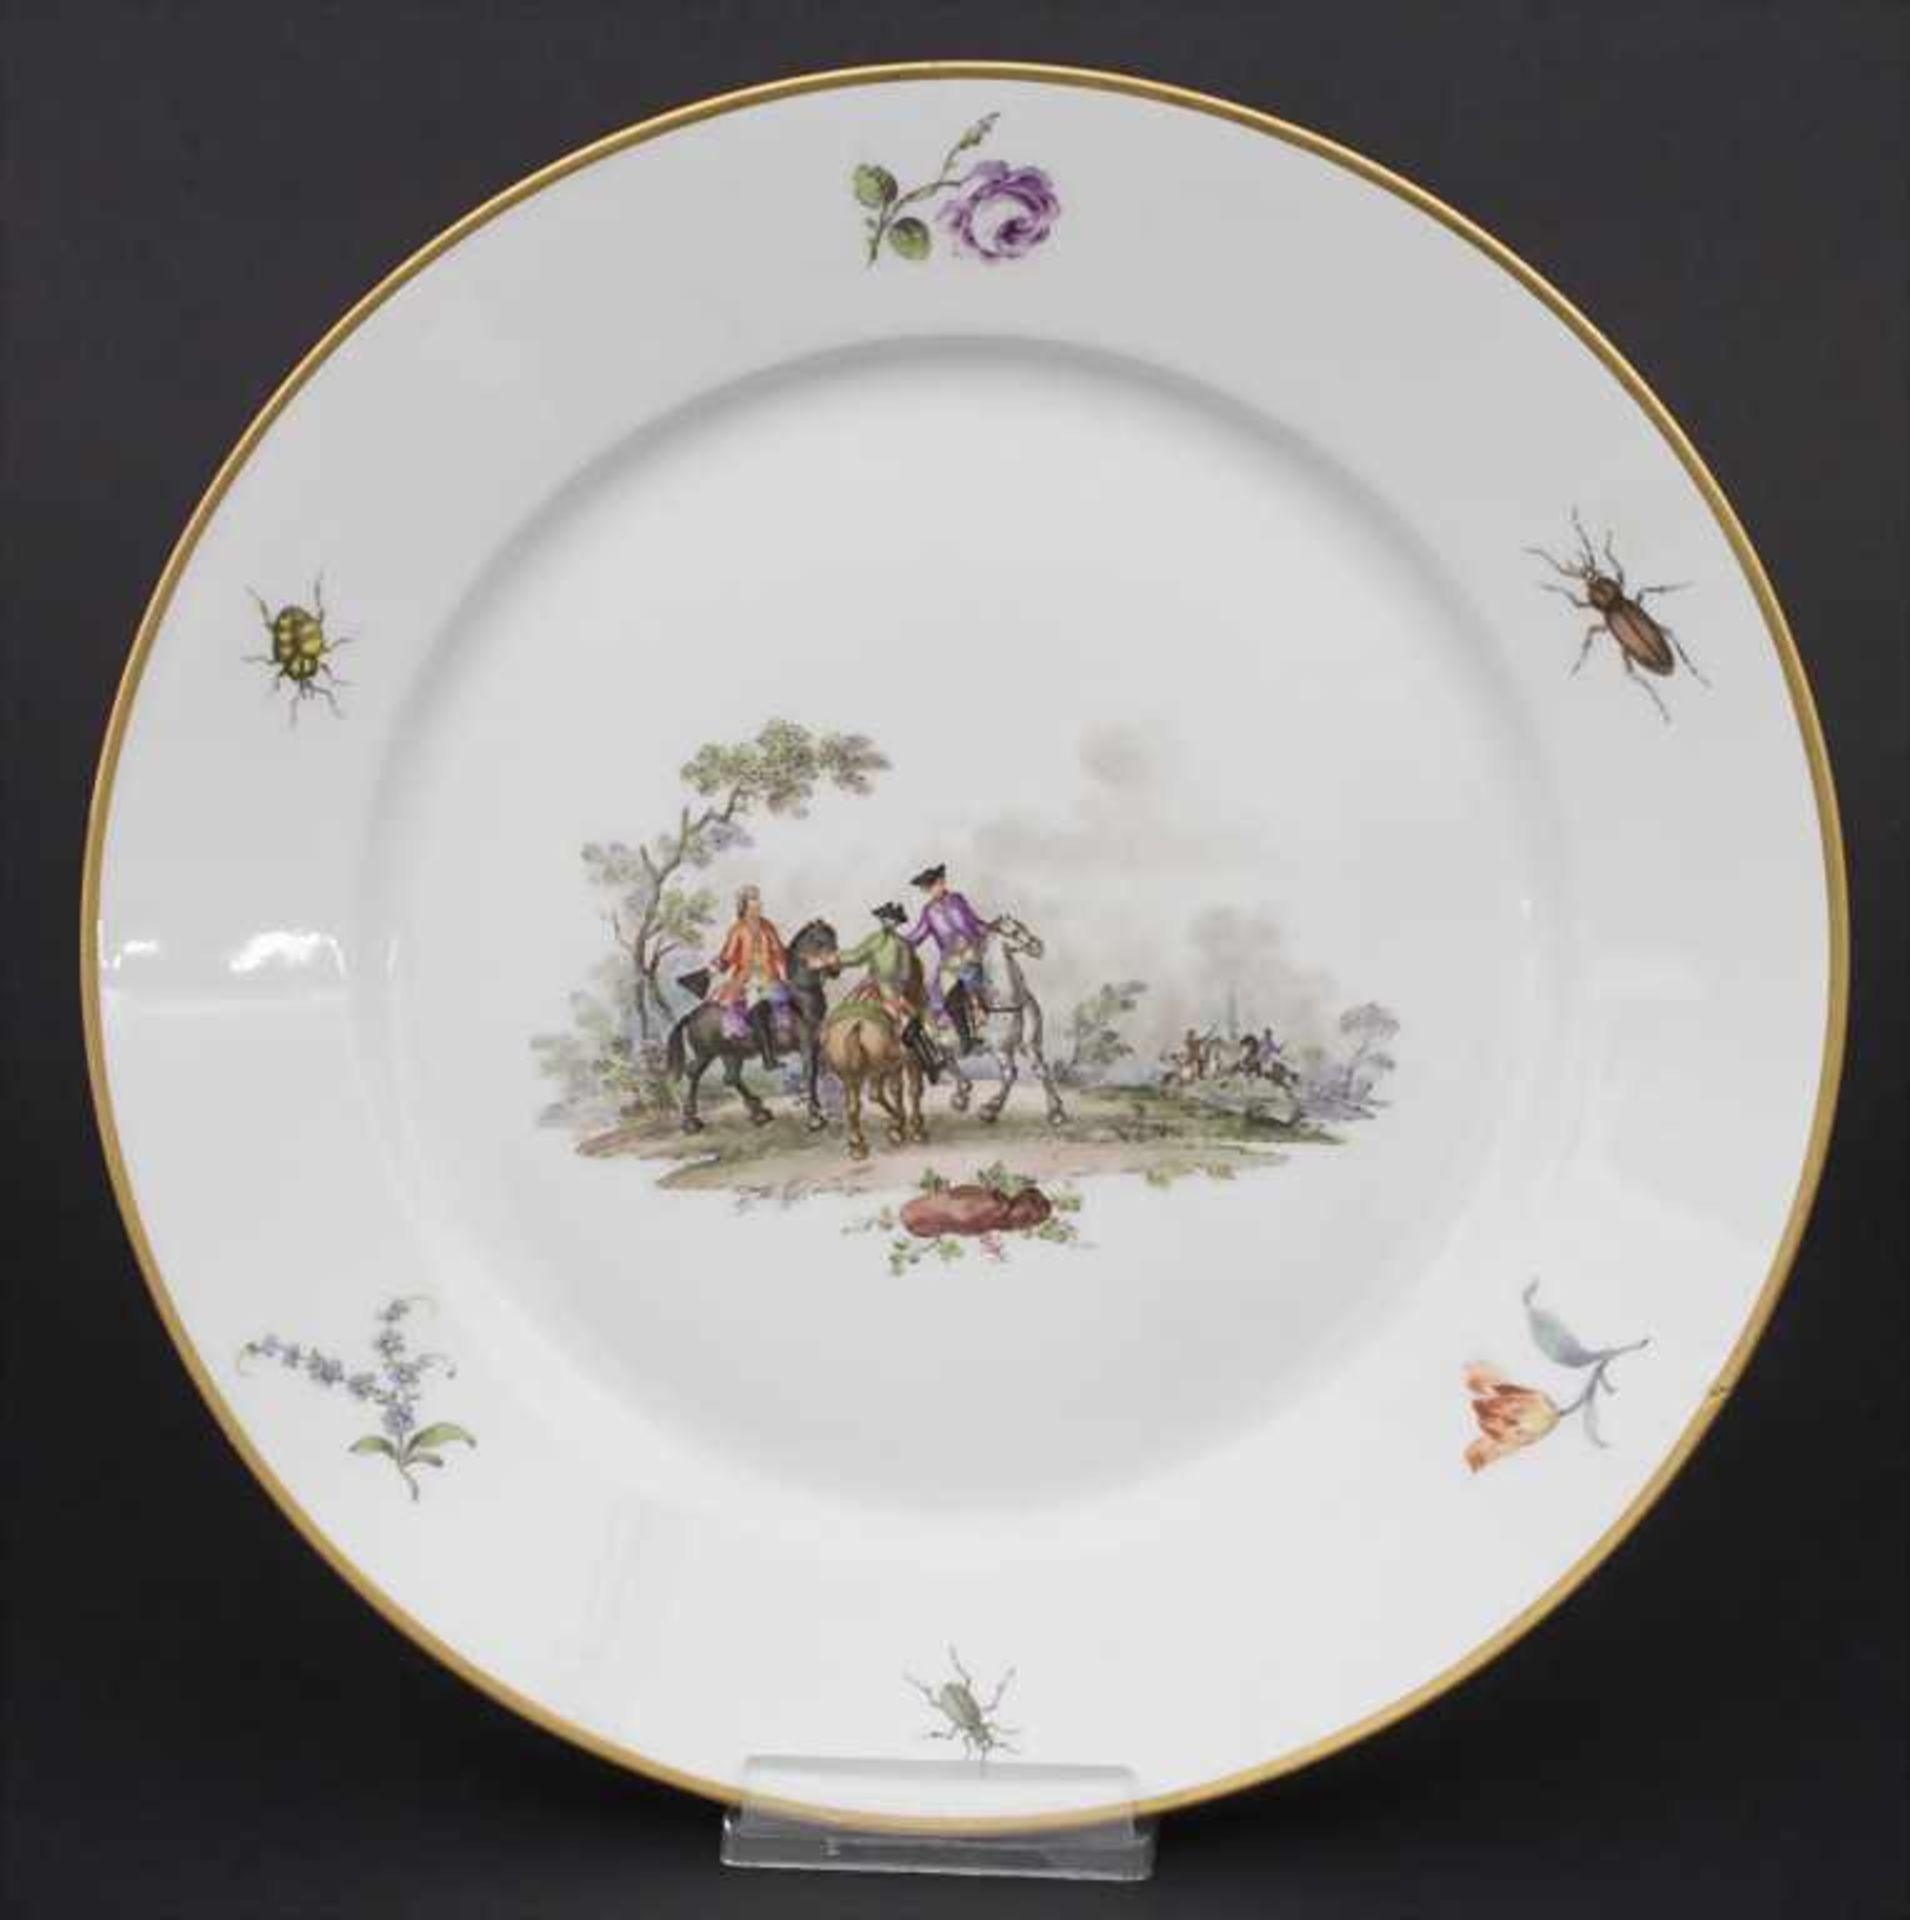 Paar Teller mit Schlachtenszenen / 2 plates with battle scenes, Sèvres, 1870 - Bild 2 aus 13